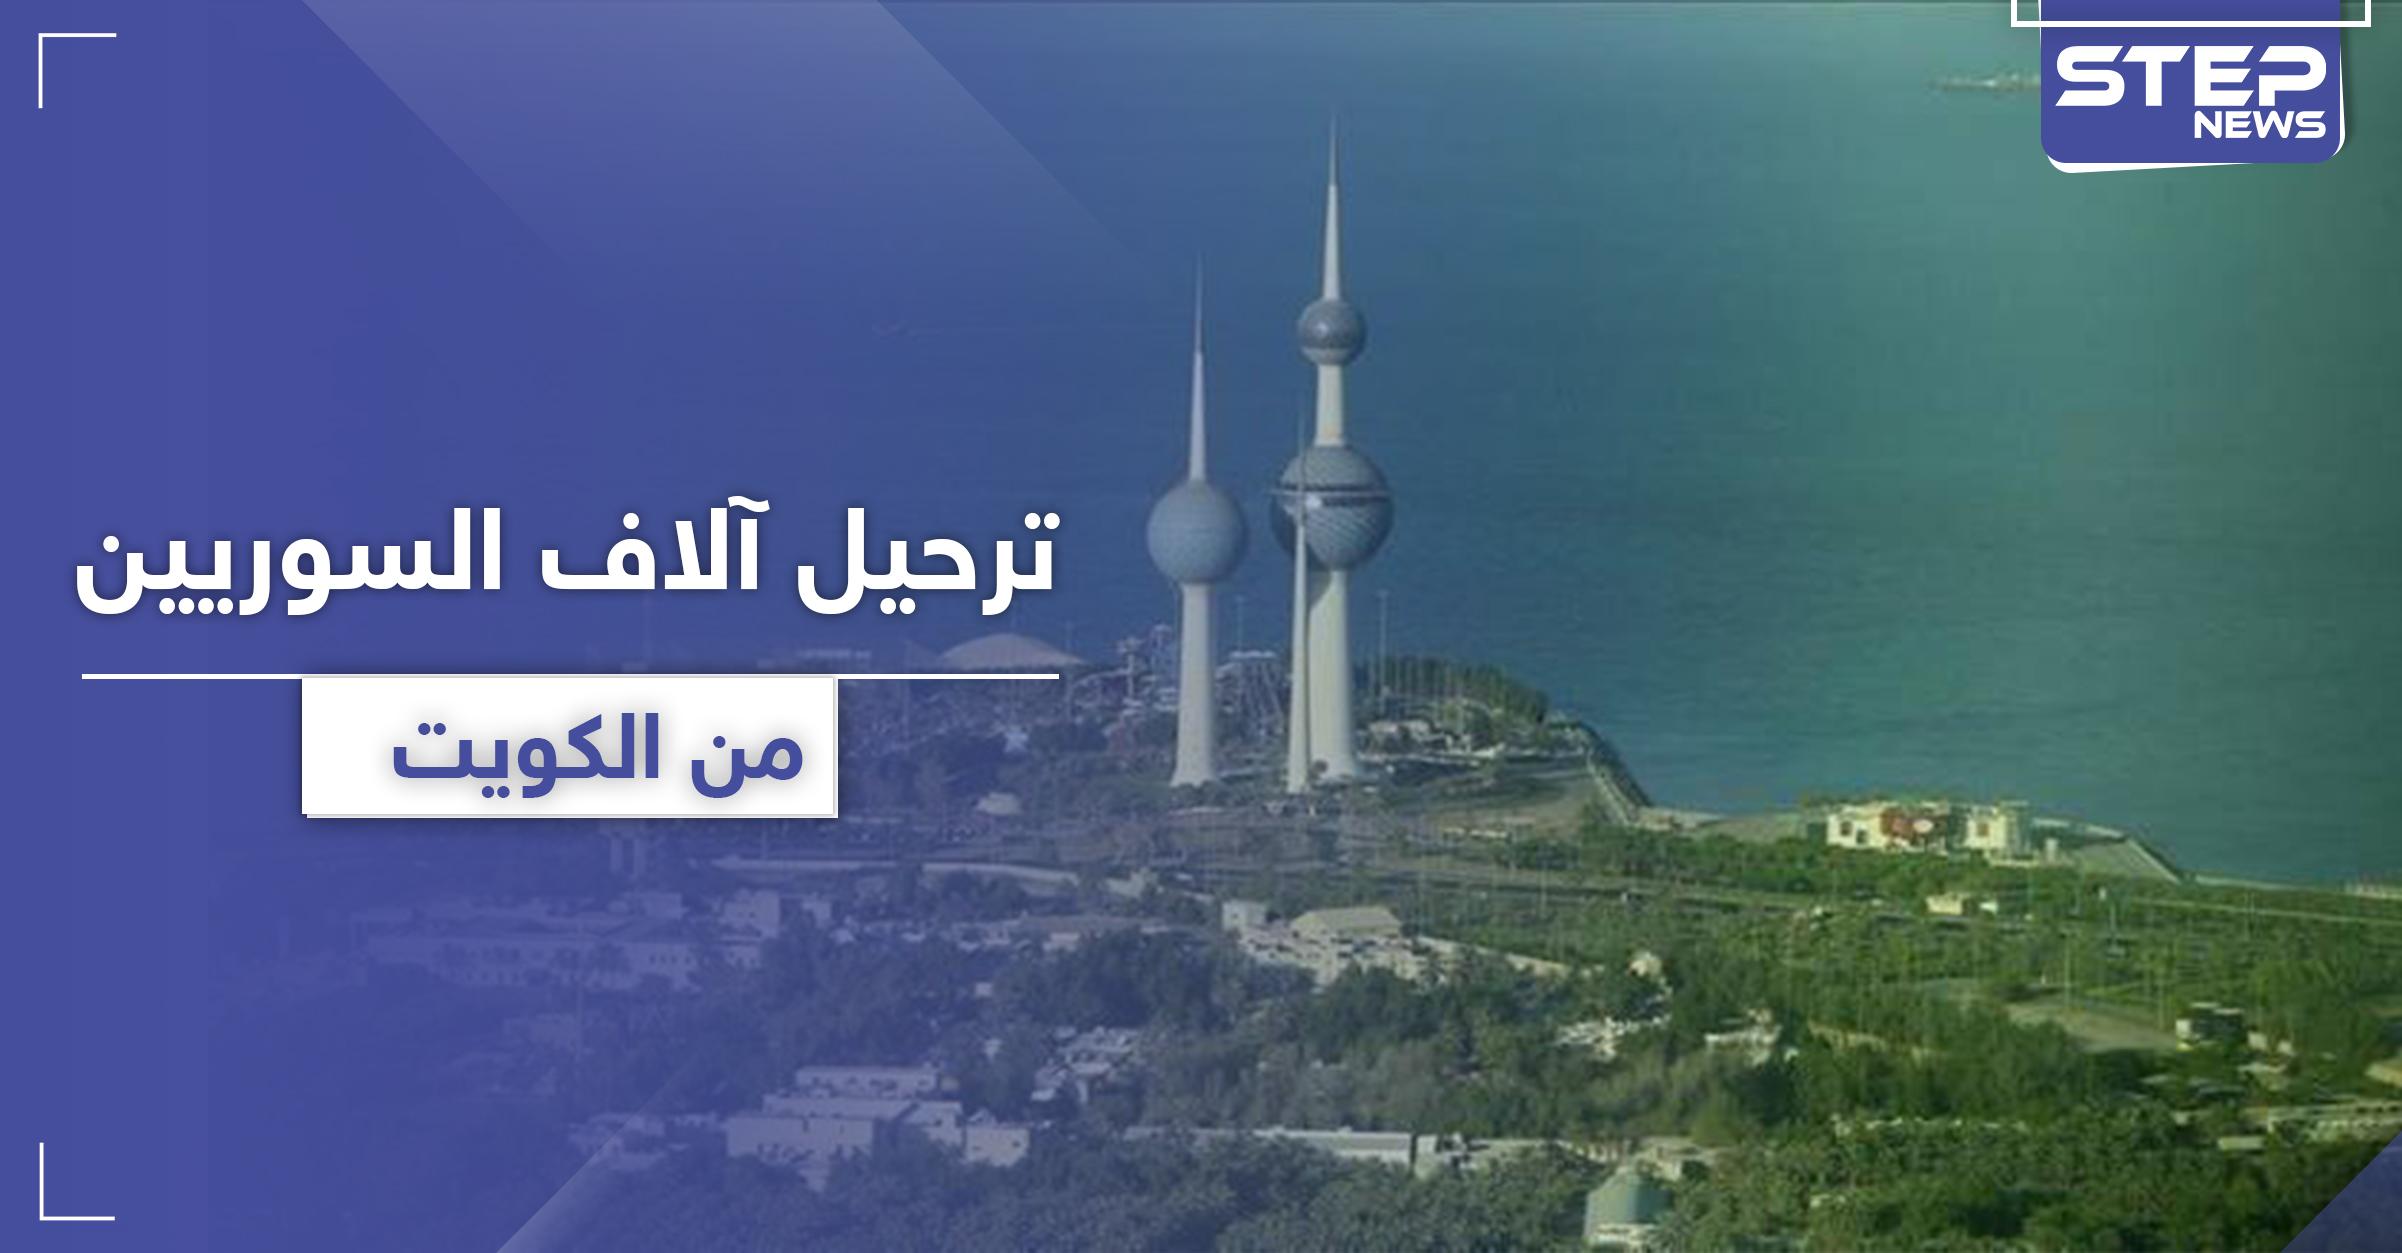 الكويت تستعد لترحيل آلاف السوريين وجنسيات أخرى وفق شروط جديدة للإقامة